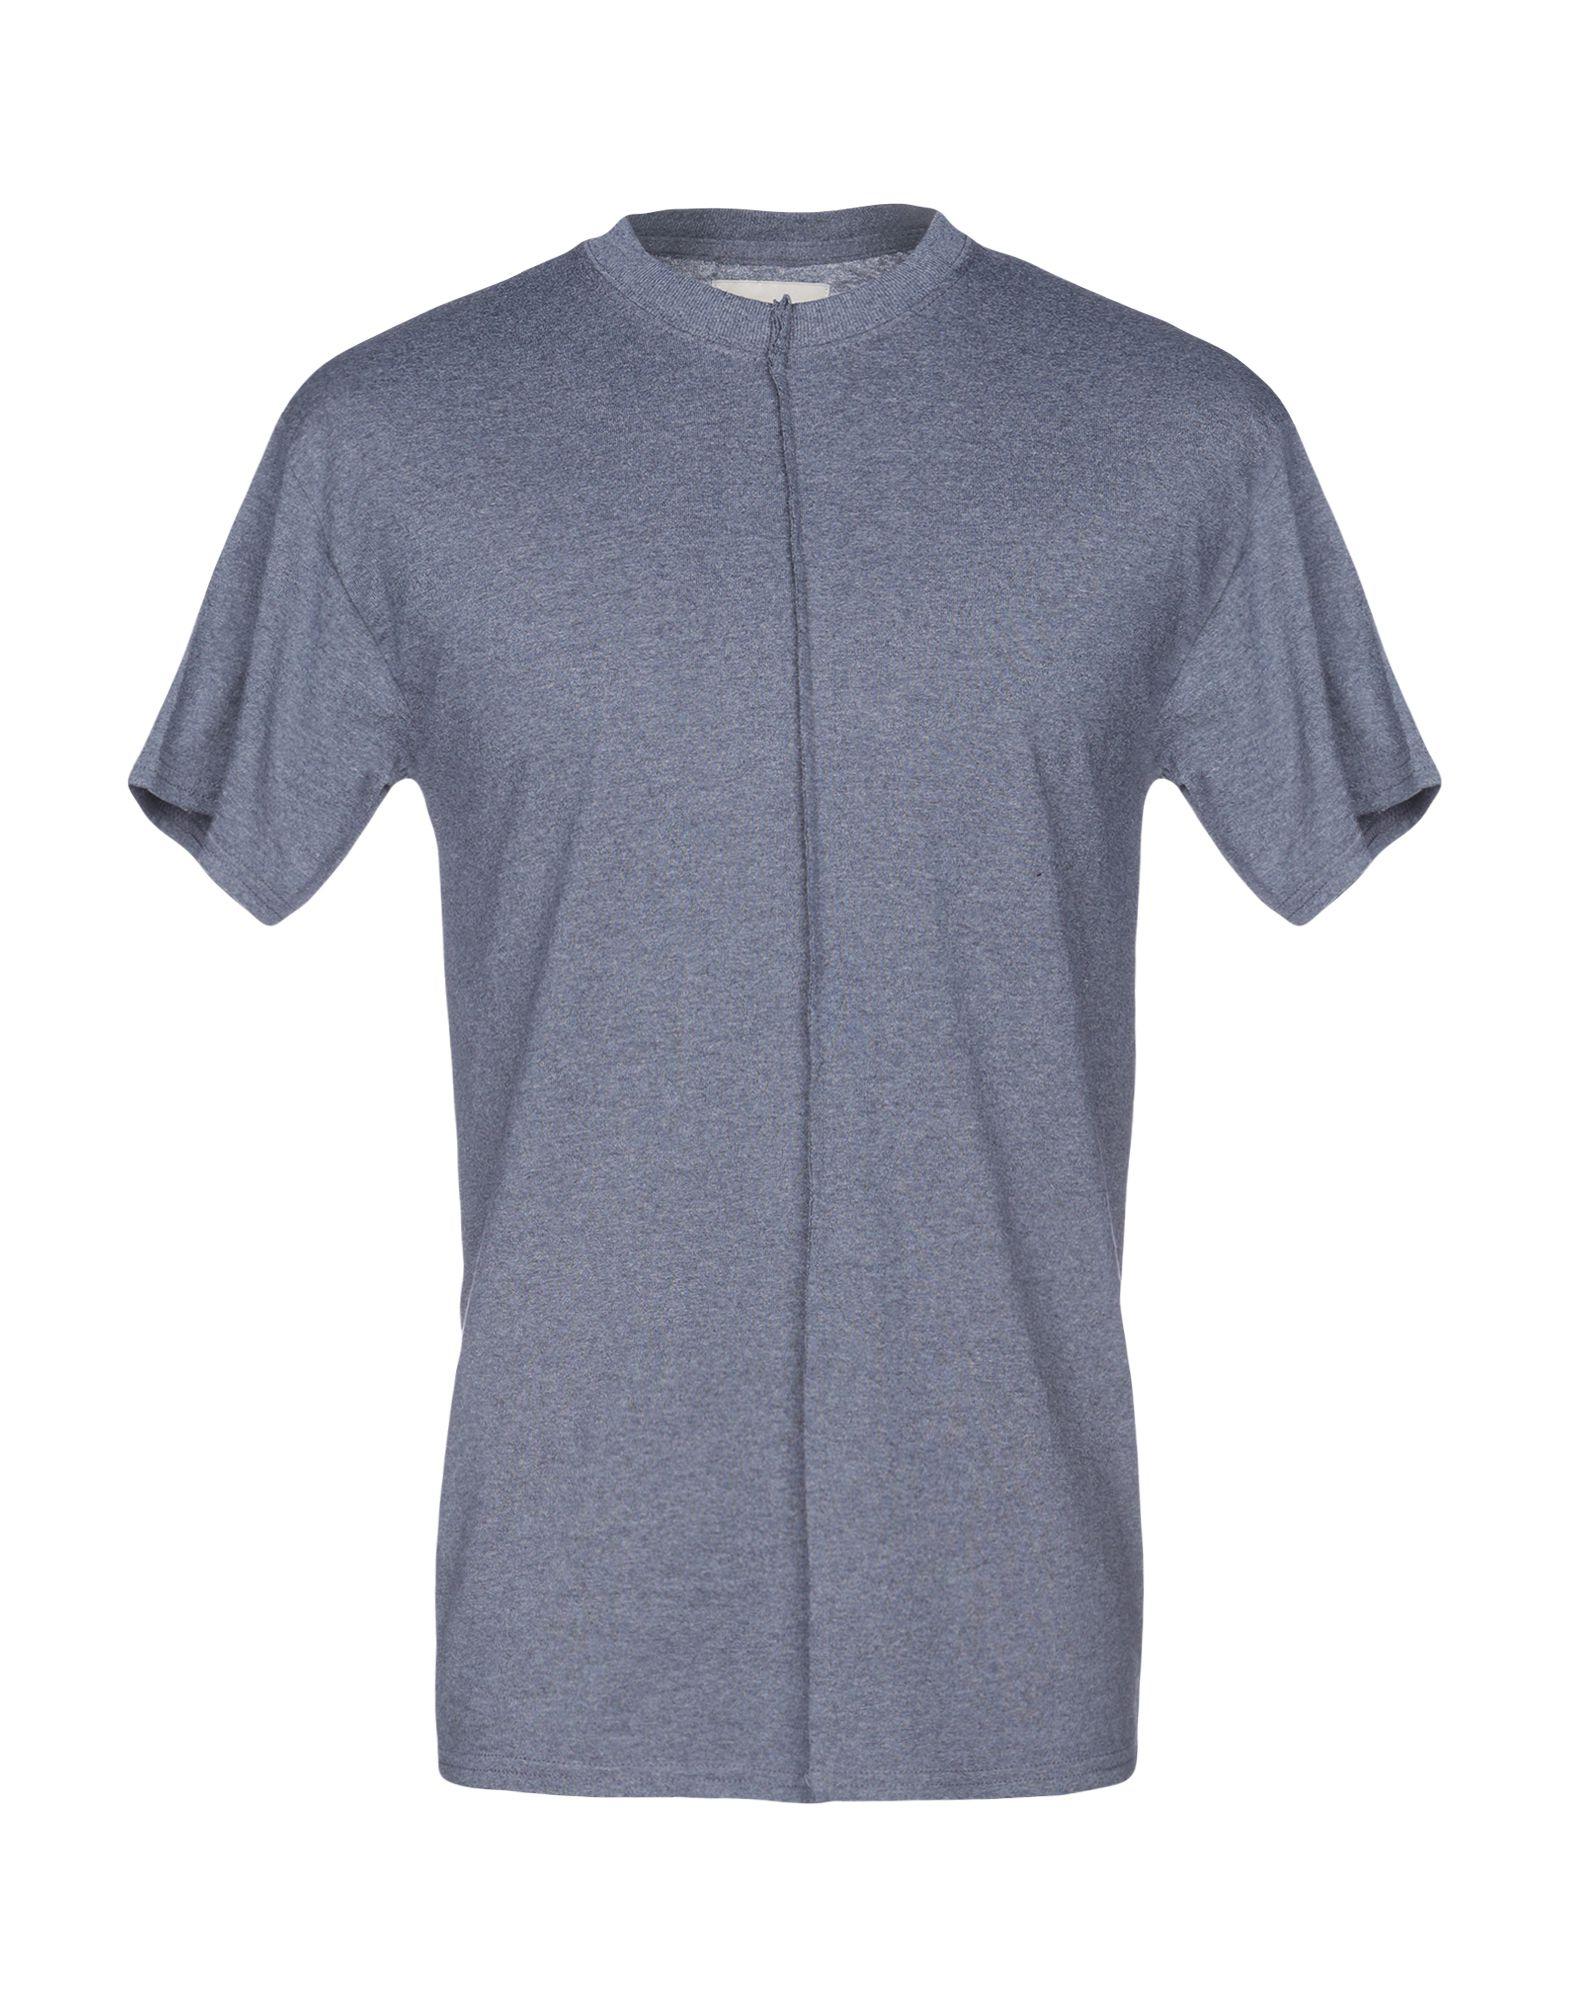 《送料無料》CORELATE メンズ T シャツ ブルーグレー M コットン 100%